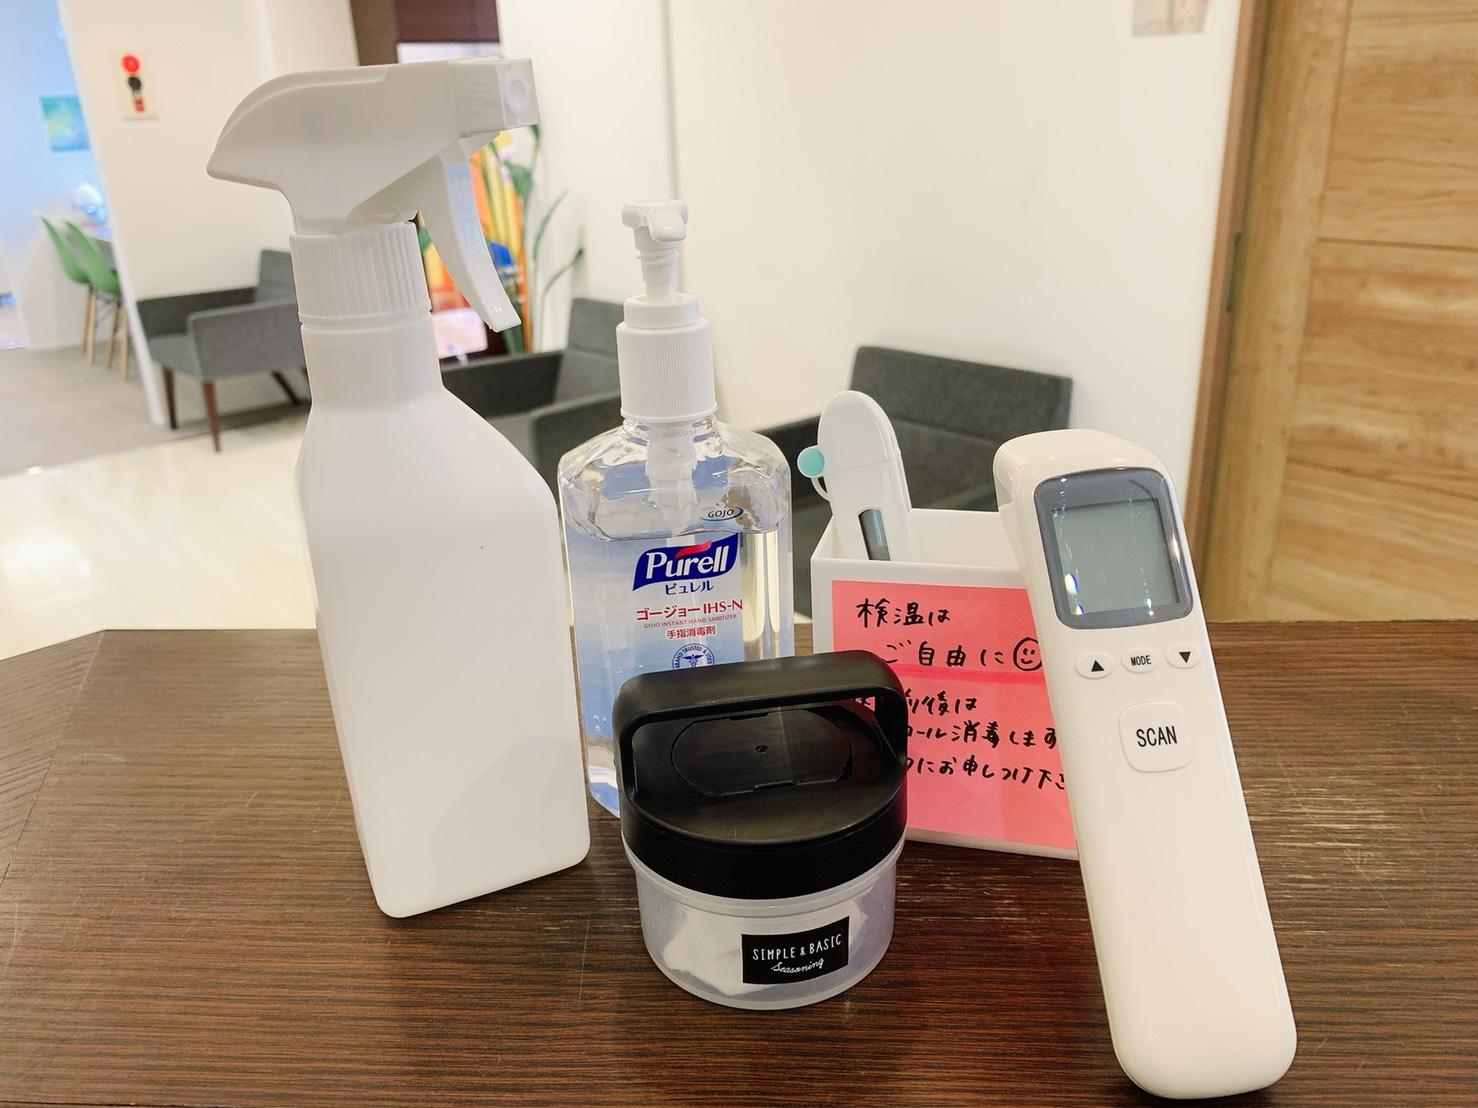 新型コロナウイルス感染拡大についての当院の取り組み⑤のイメージ